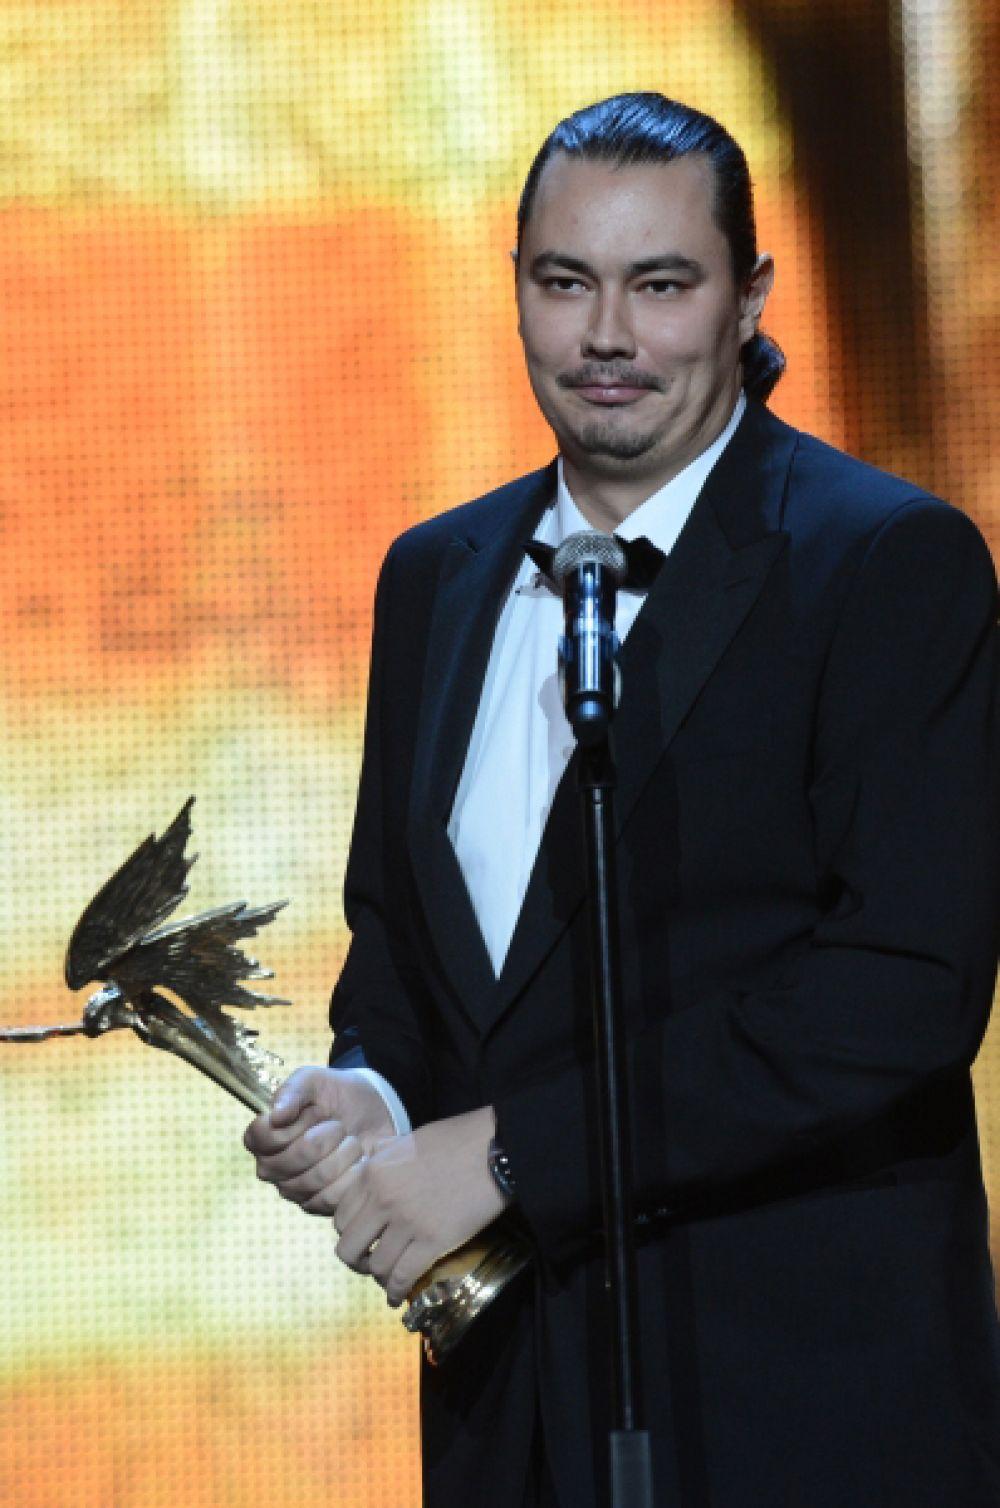 В номинации «Открытие года» победу одержал режиссёр Жора Крыжовников. Награду он получил за комедию «Горько!».